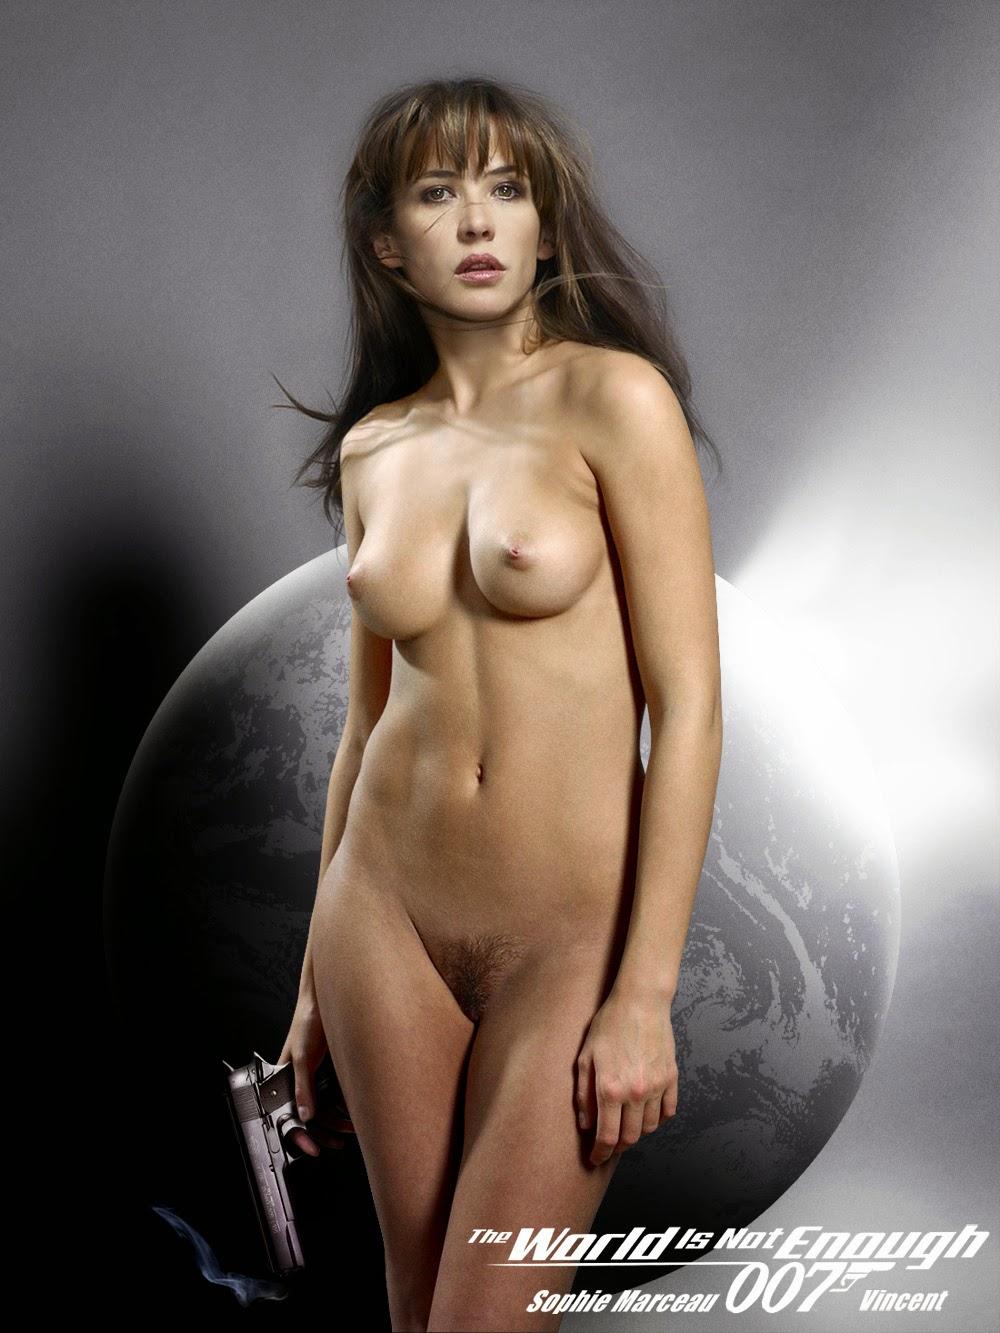 Французкие порно актрисы смужиками фото 17 фотография